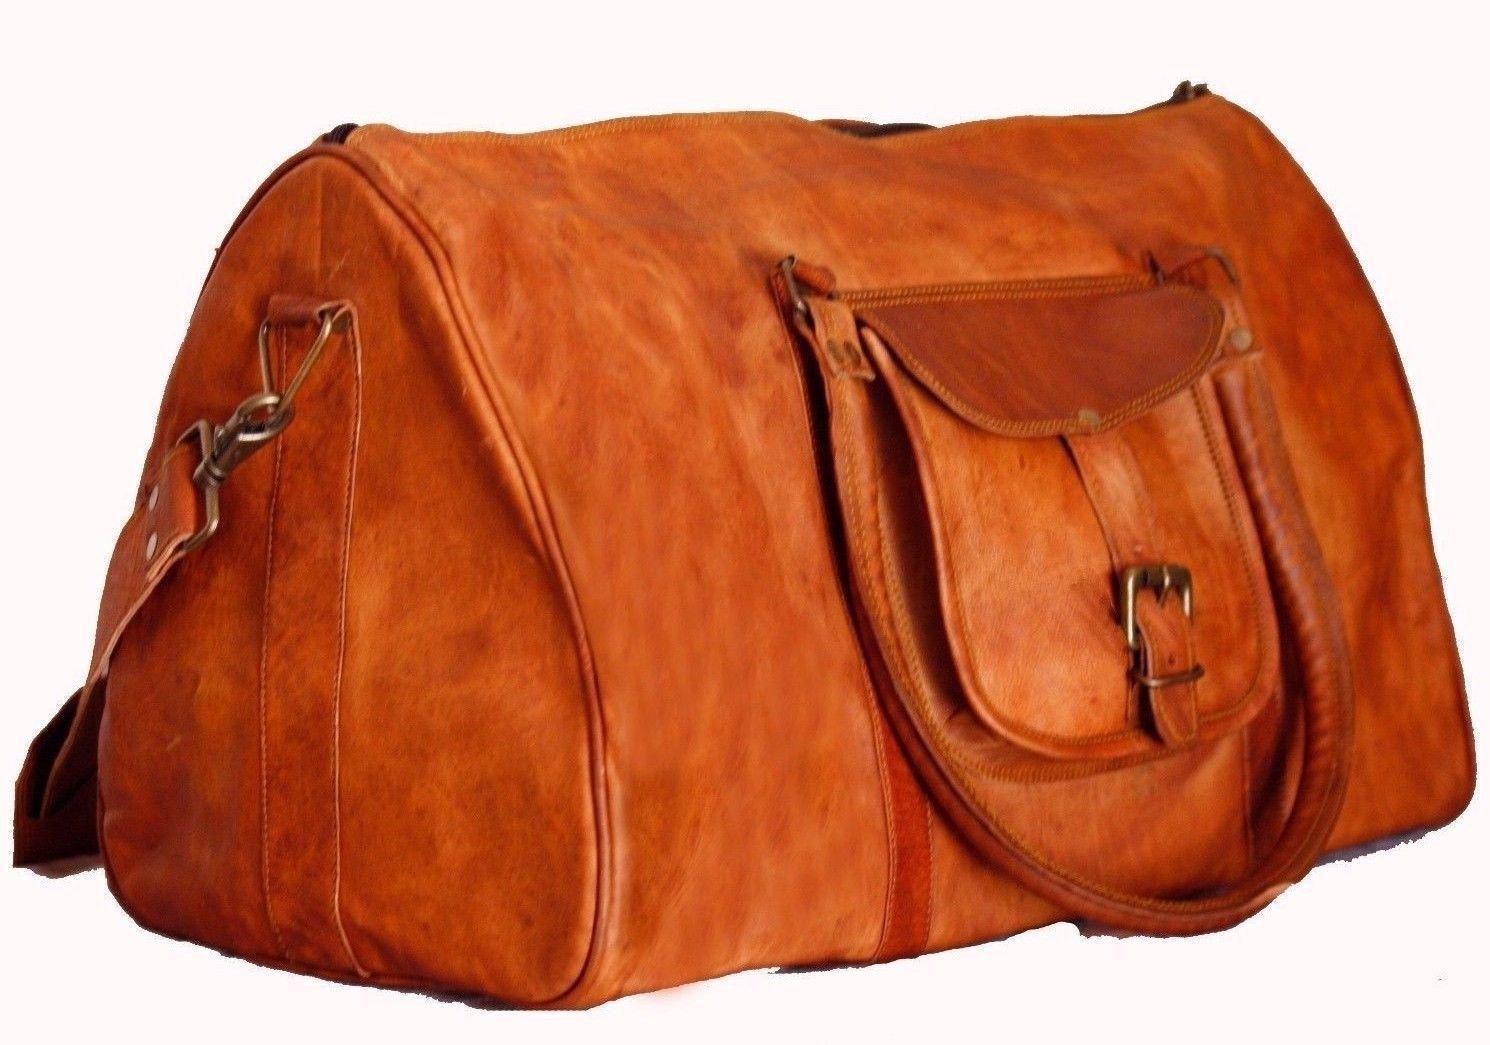 Sankalp Leather New Vintage Travel Duffel Shoulder Weekend Bag, NEW